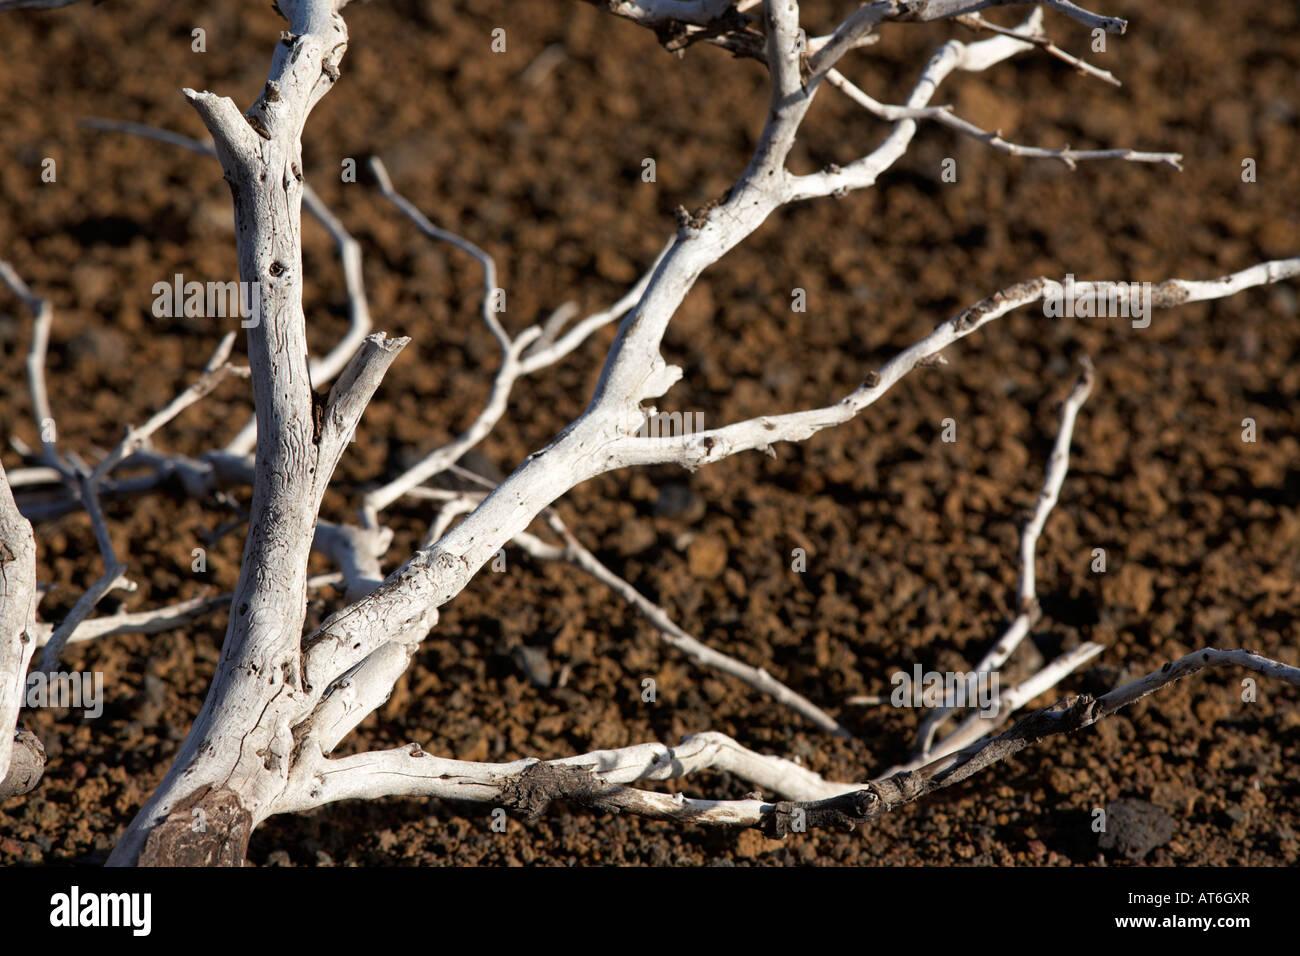 Secado de Madera muerta rama acostado en el desierto roca volcánica Tenerife Islas Canarias Imagen De Stock